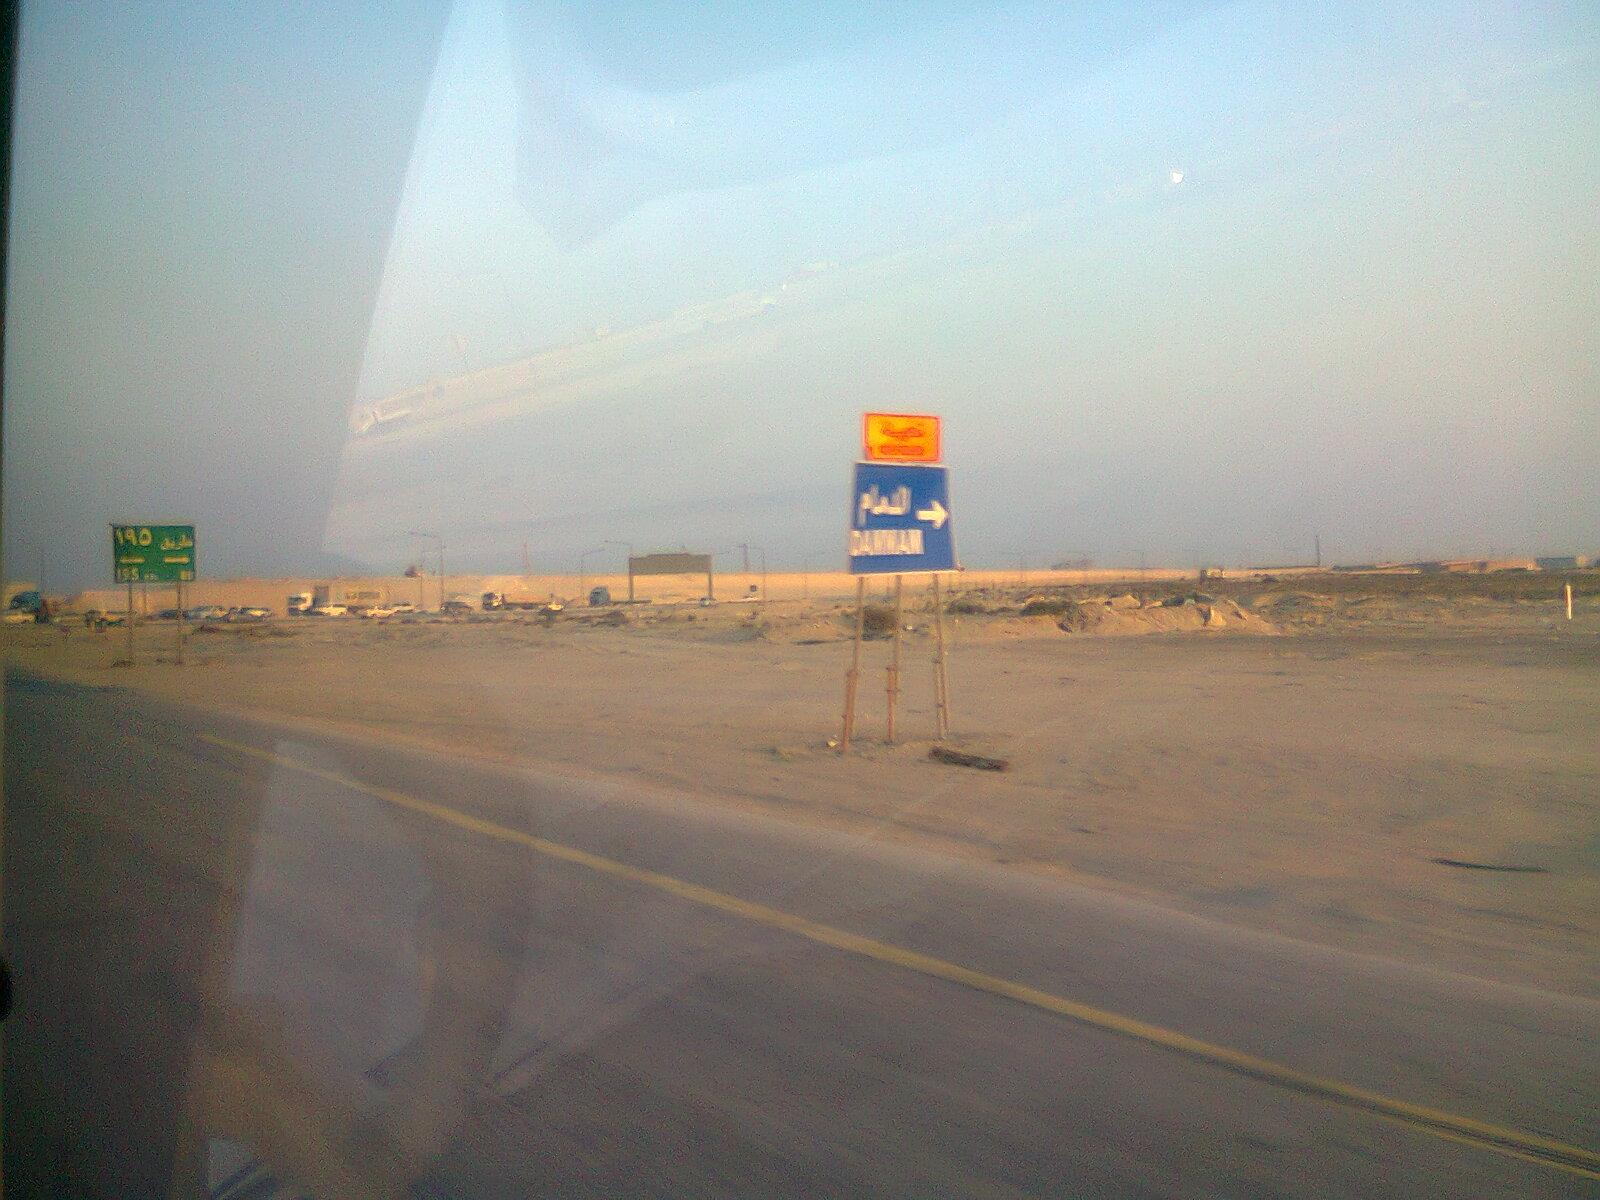 File:Road 195, Jubail Saudi Arabia - panoramio jpg